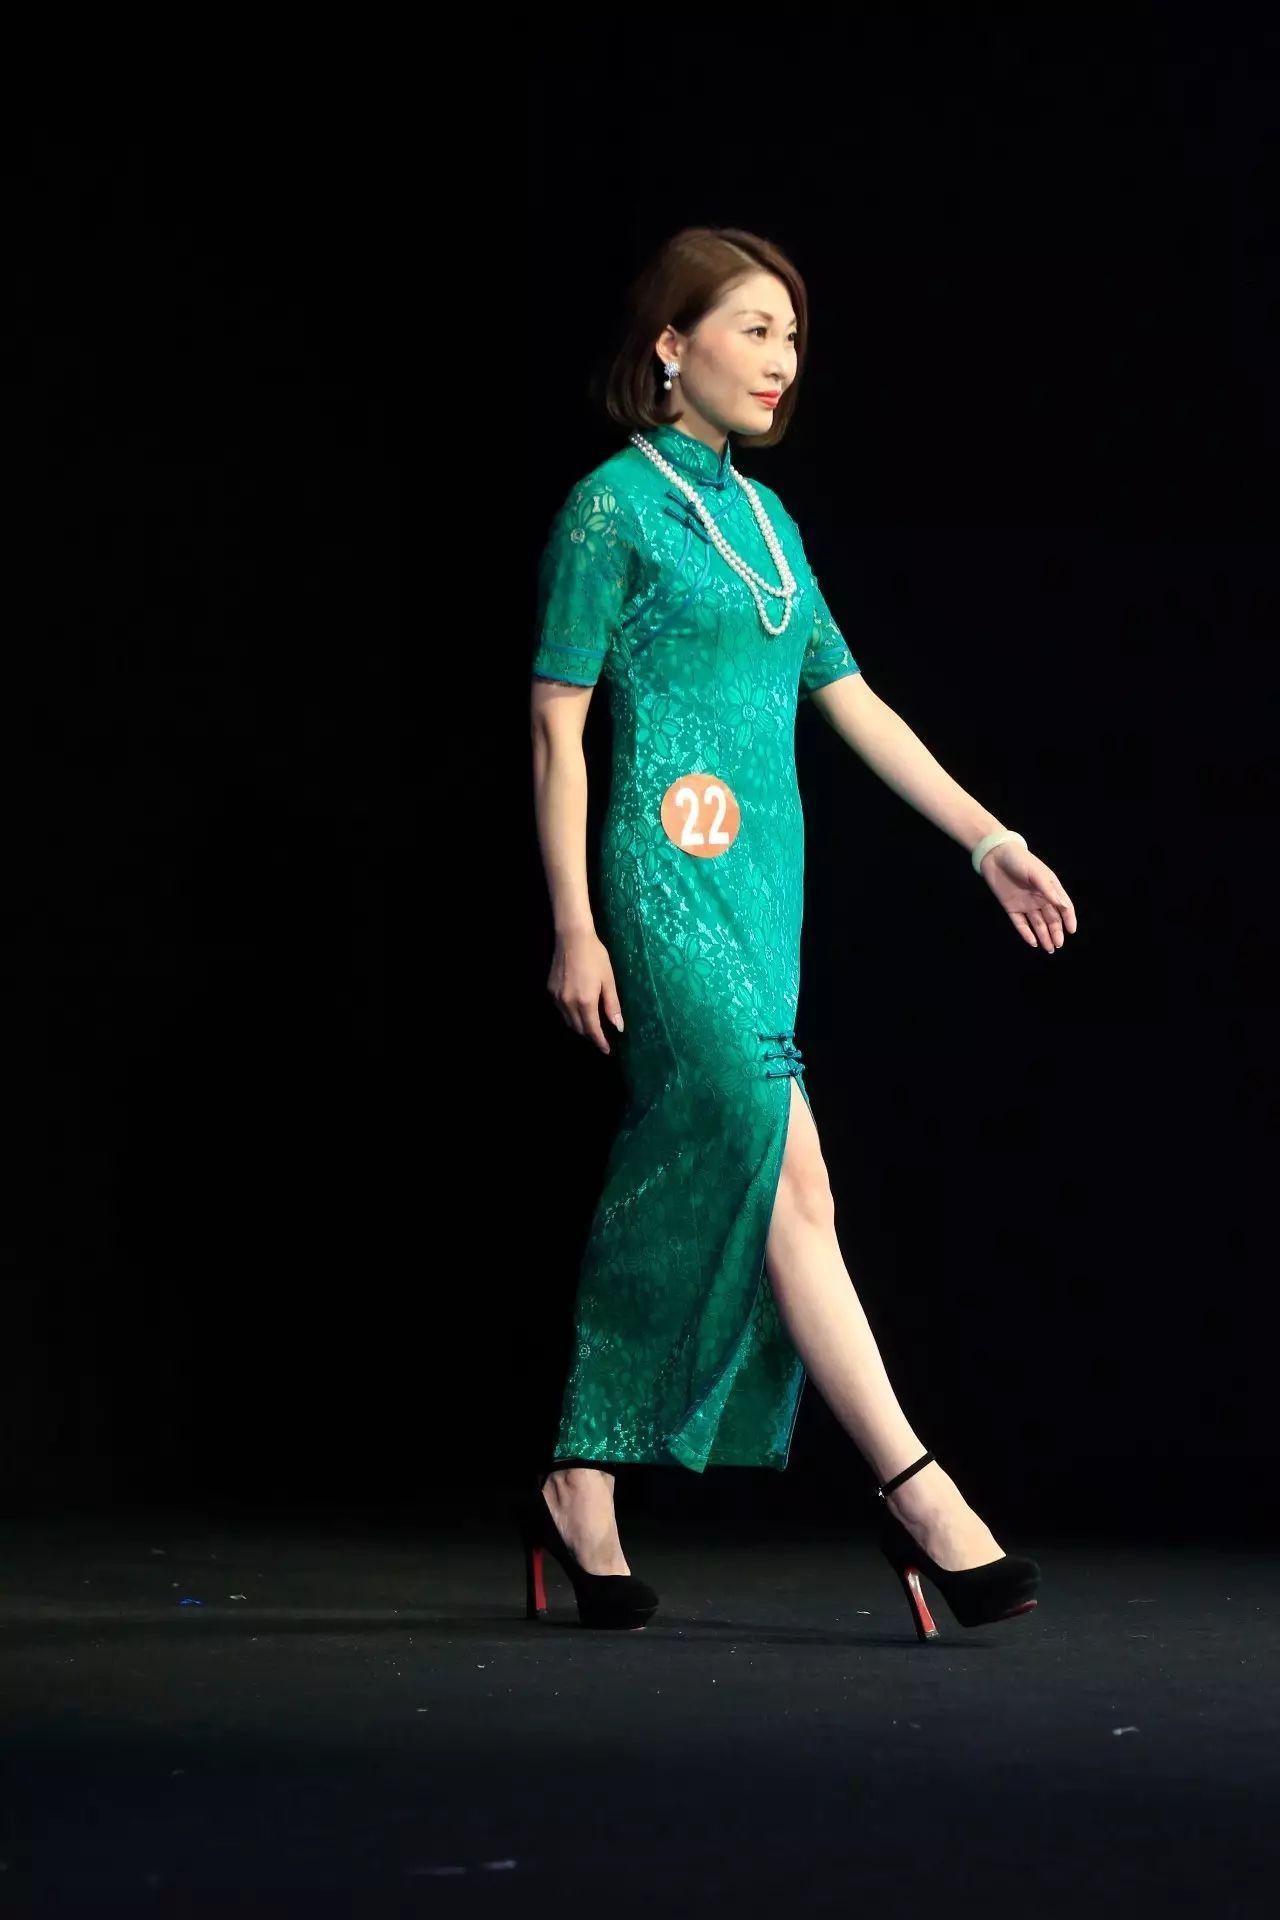 旗袍的风韵a旗袍,被Ta演绎得淋漓尽致_搜狐社诱惑卷发情趣内衣魅儿图片